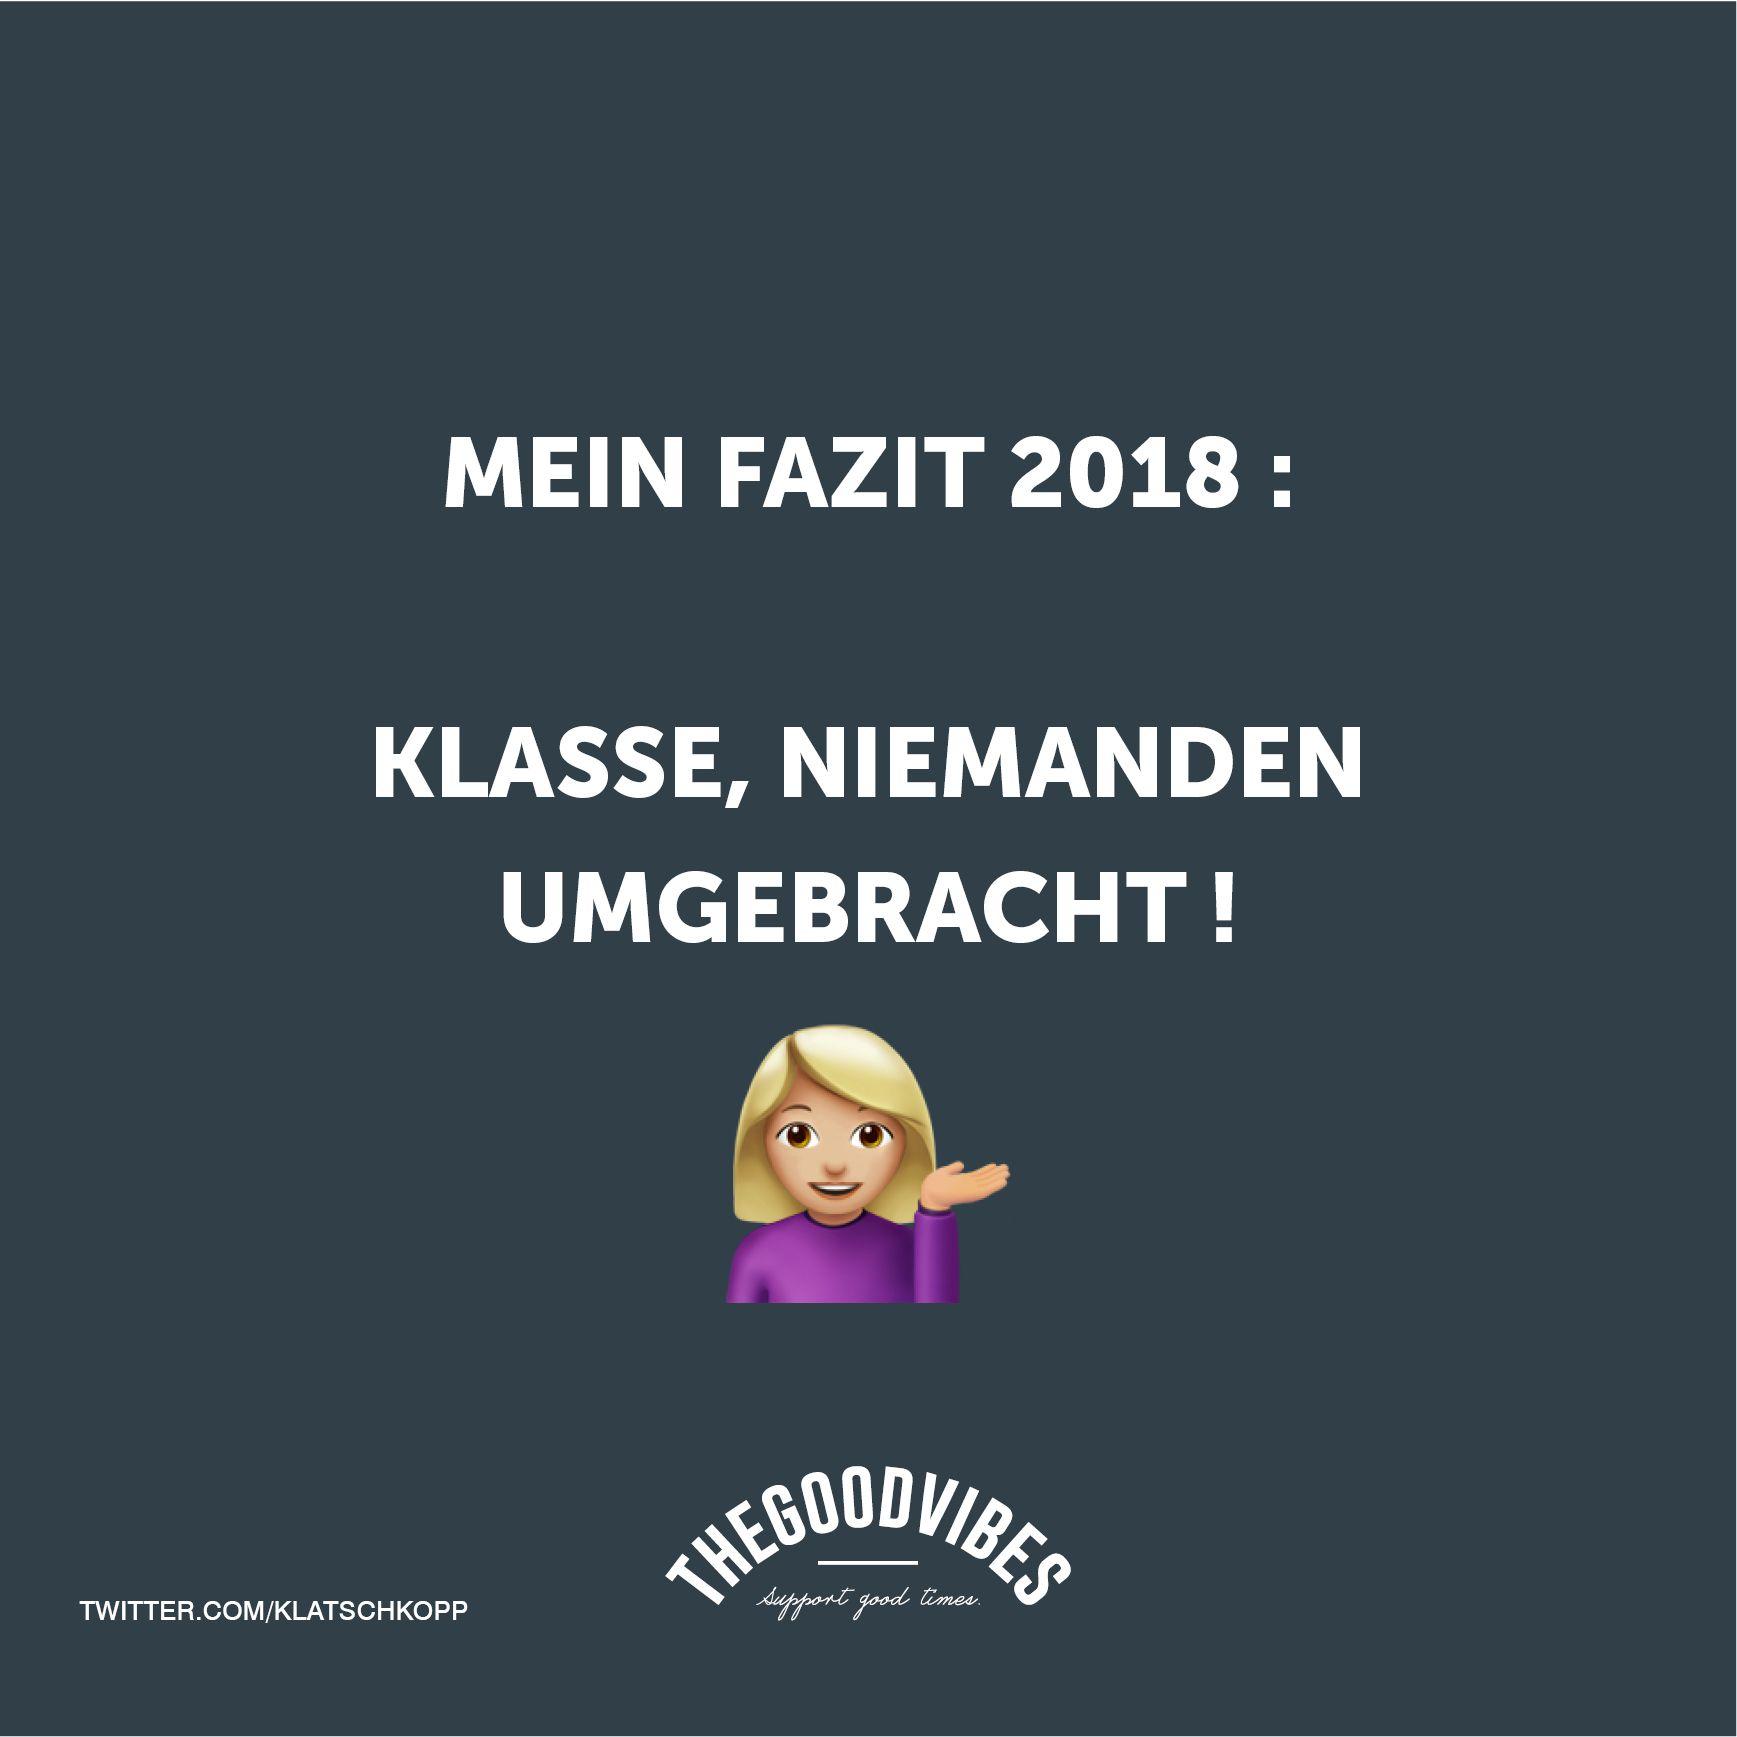 Mein Fazit 2018 Sprüche O2 Partner